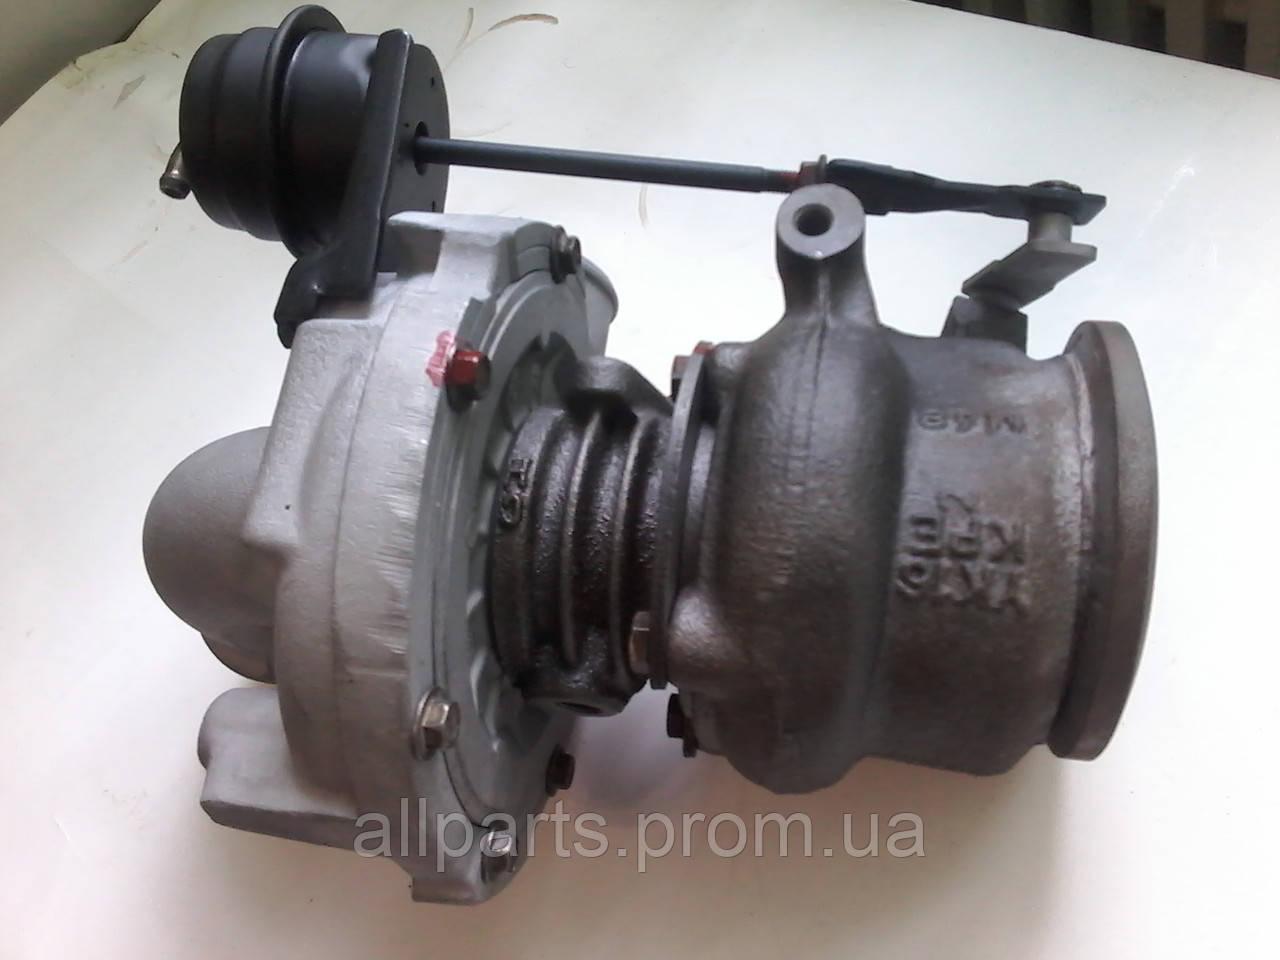 Турбина Fiat Ducato II 2.8 JTD 2001- OE: 500364493, 49377-07050, б/у реставрированная